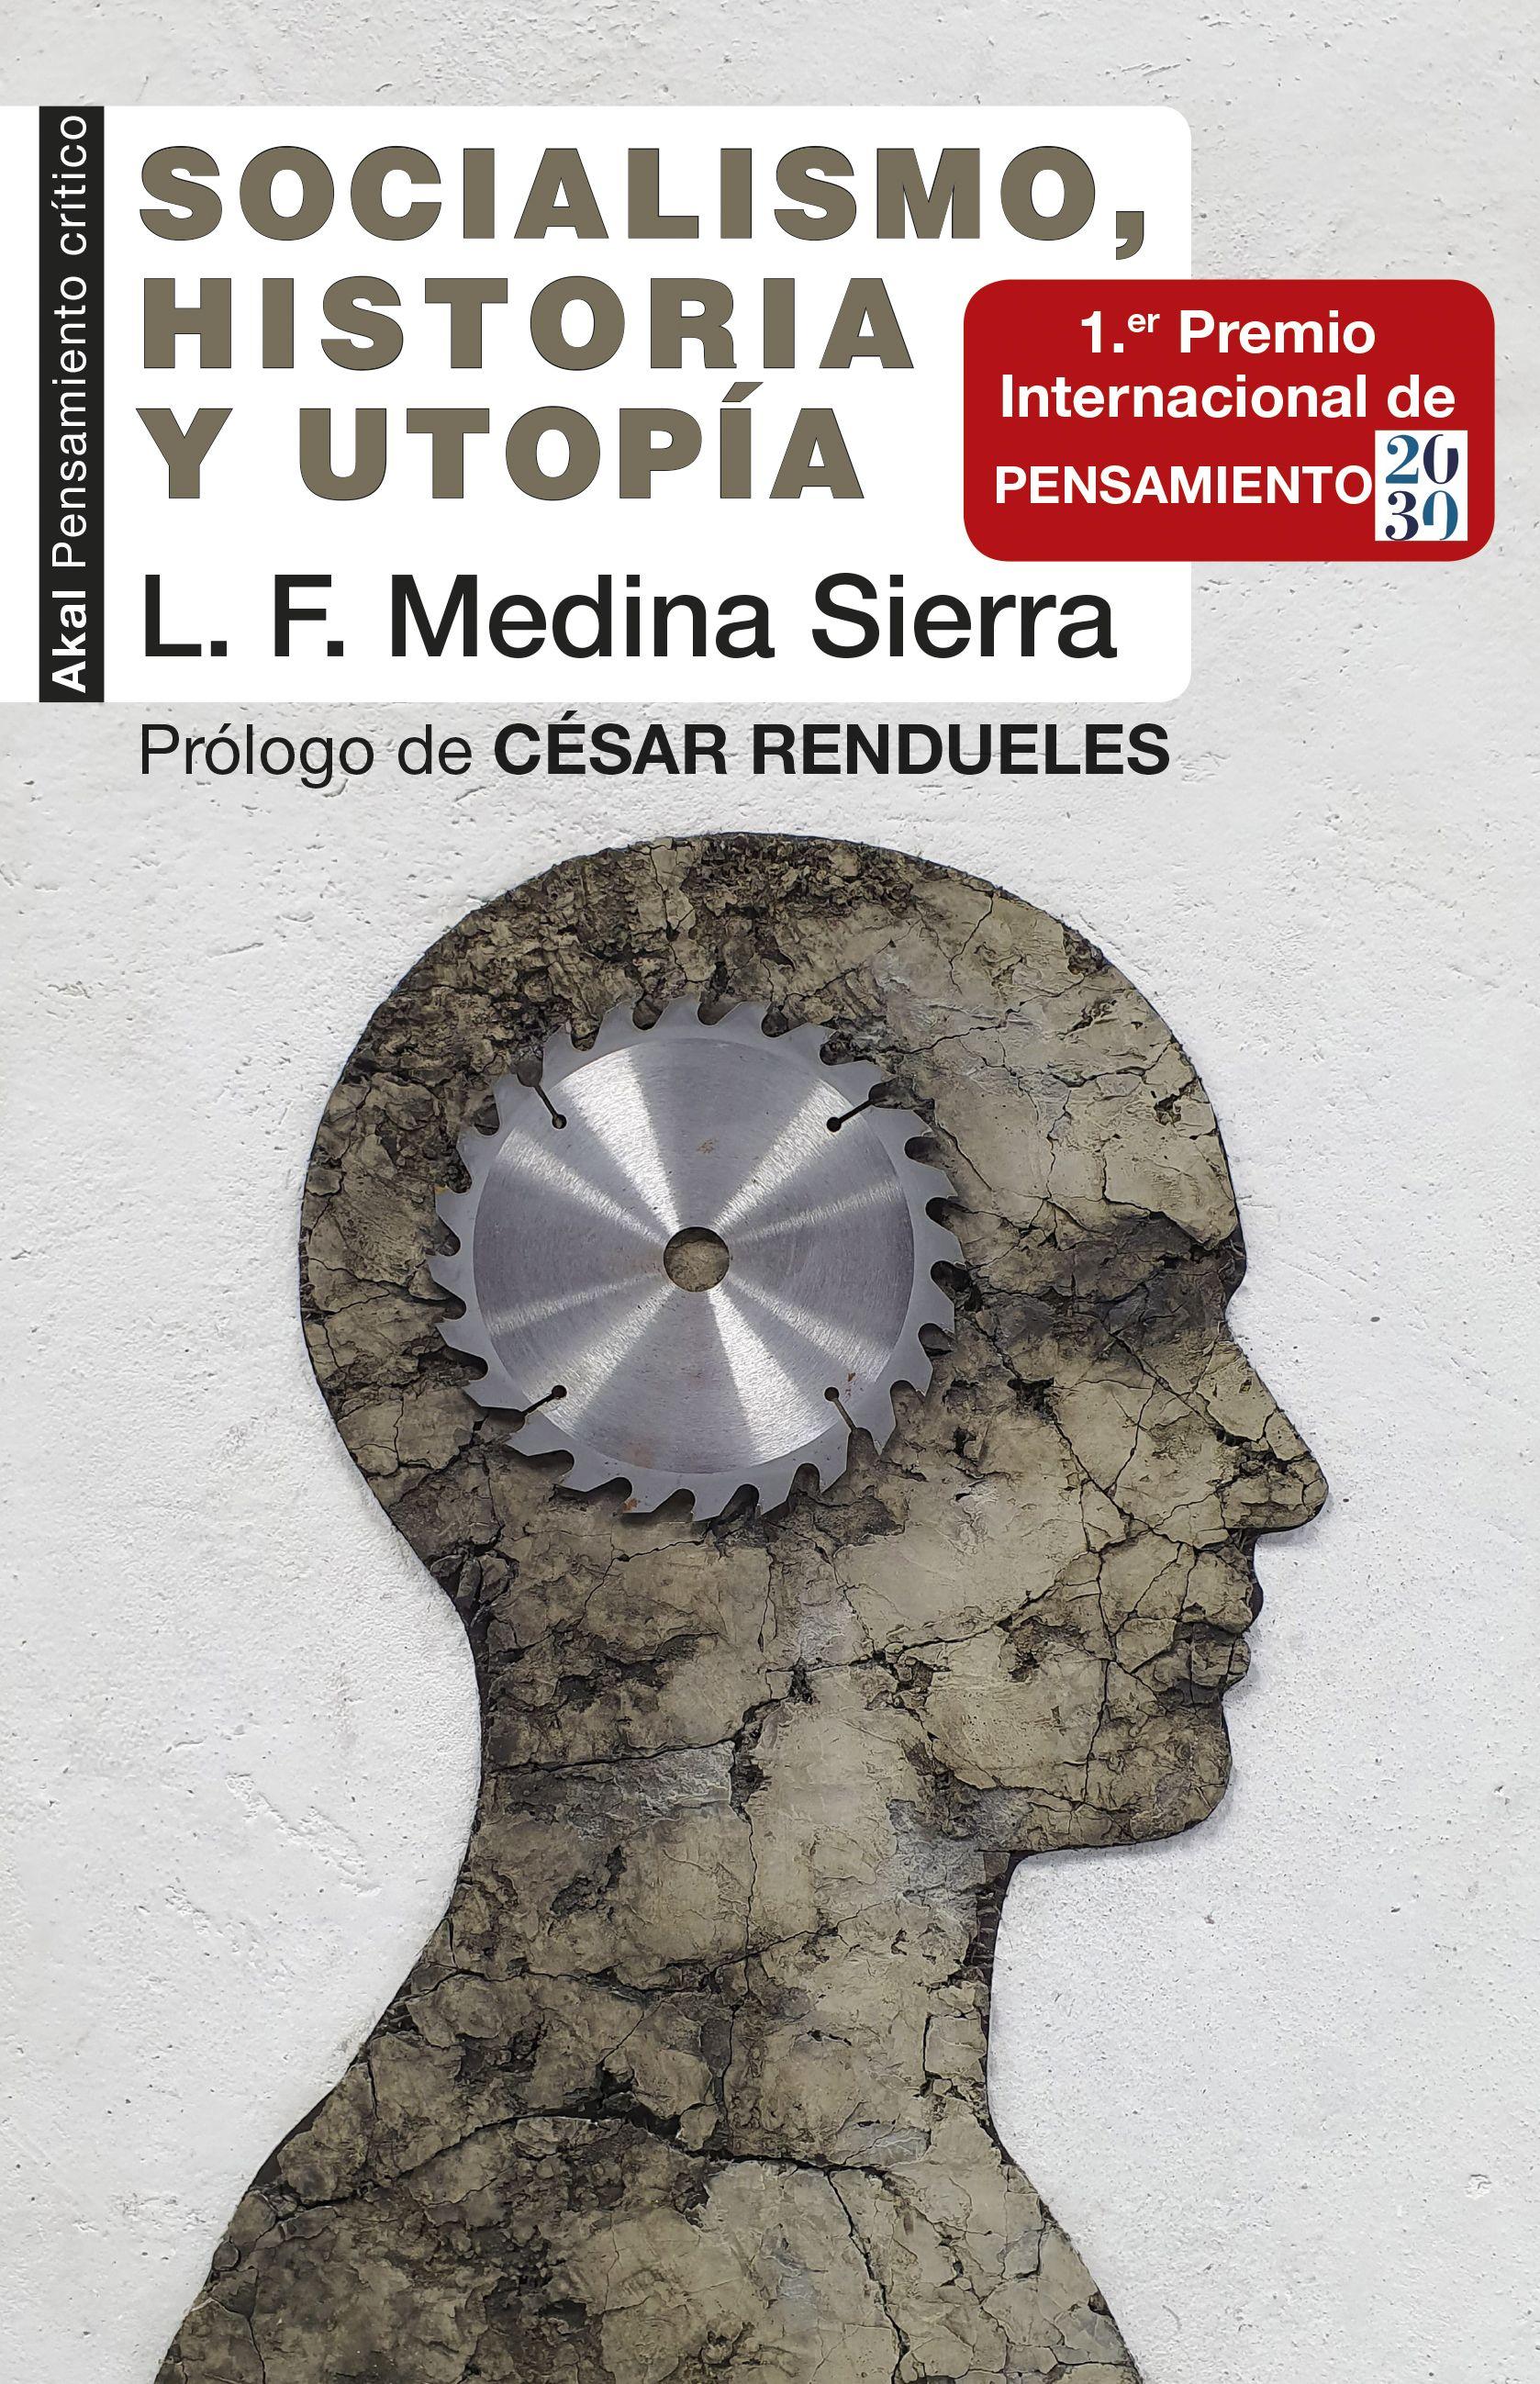 P3 E 214 Akal 2019 Socialismo Historia Libros De Filosofía